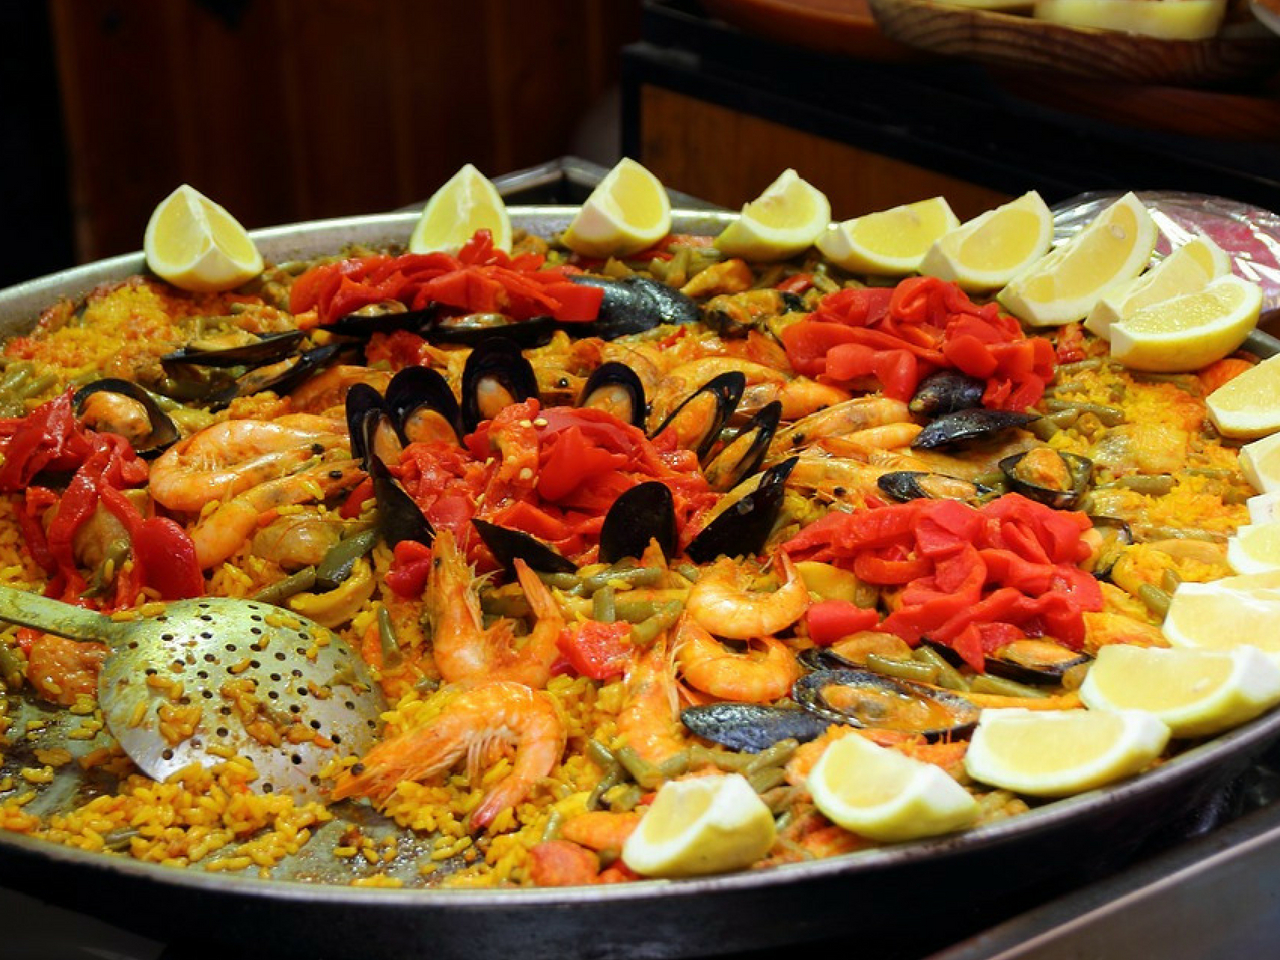 Gastronom a de espa a platos t picos de la cocina espa ola - La cocina madrid ...